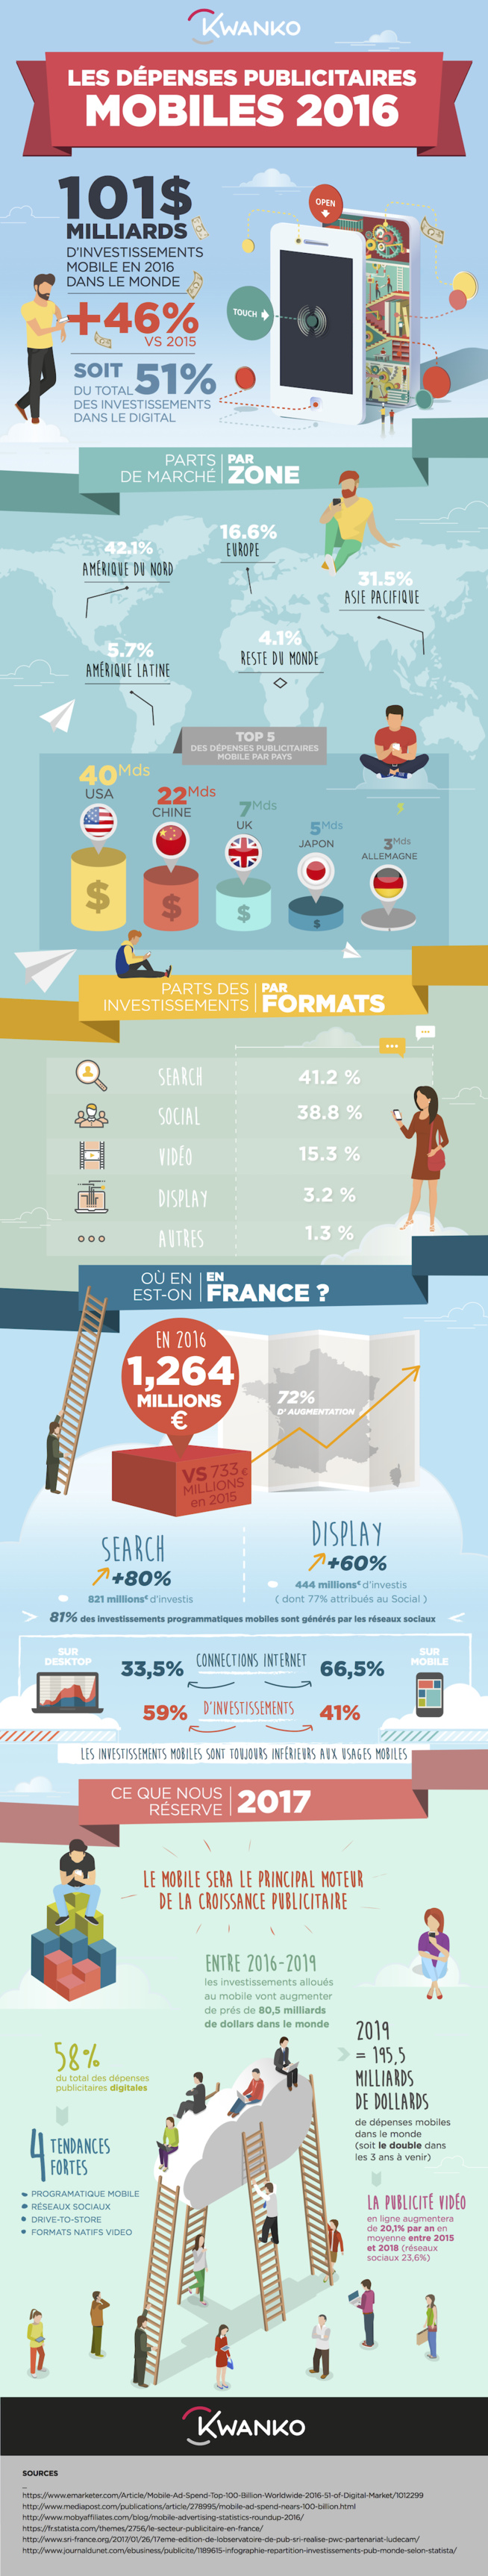 La publicité mobile dépasse les 100 milliards de dollars dans le monde